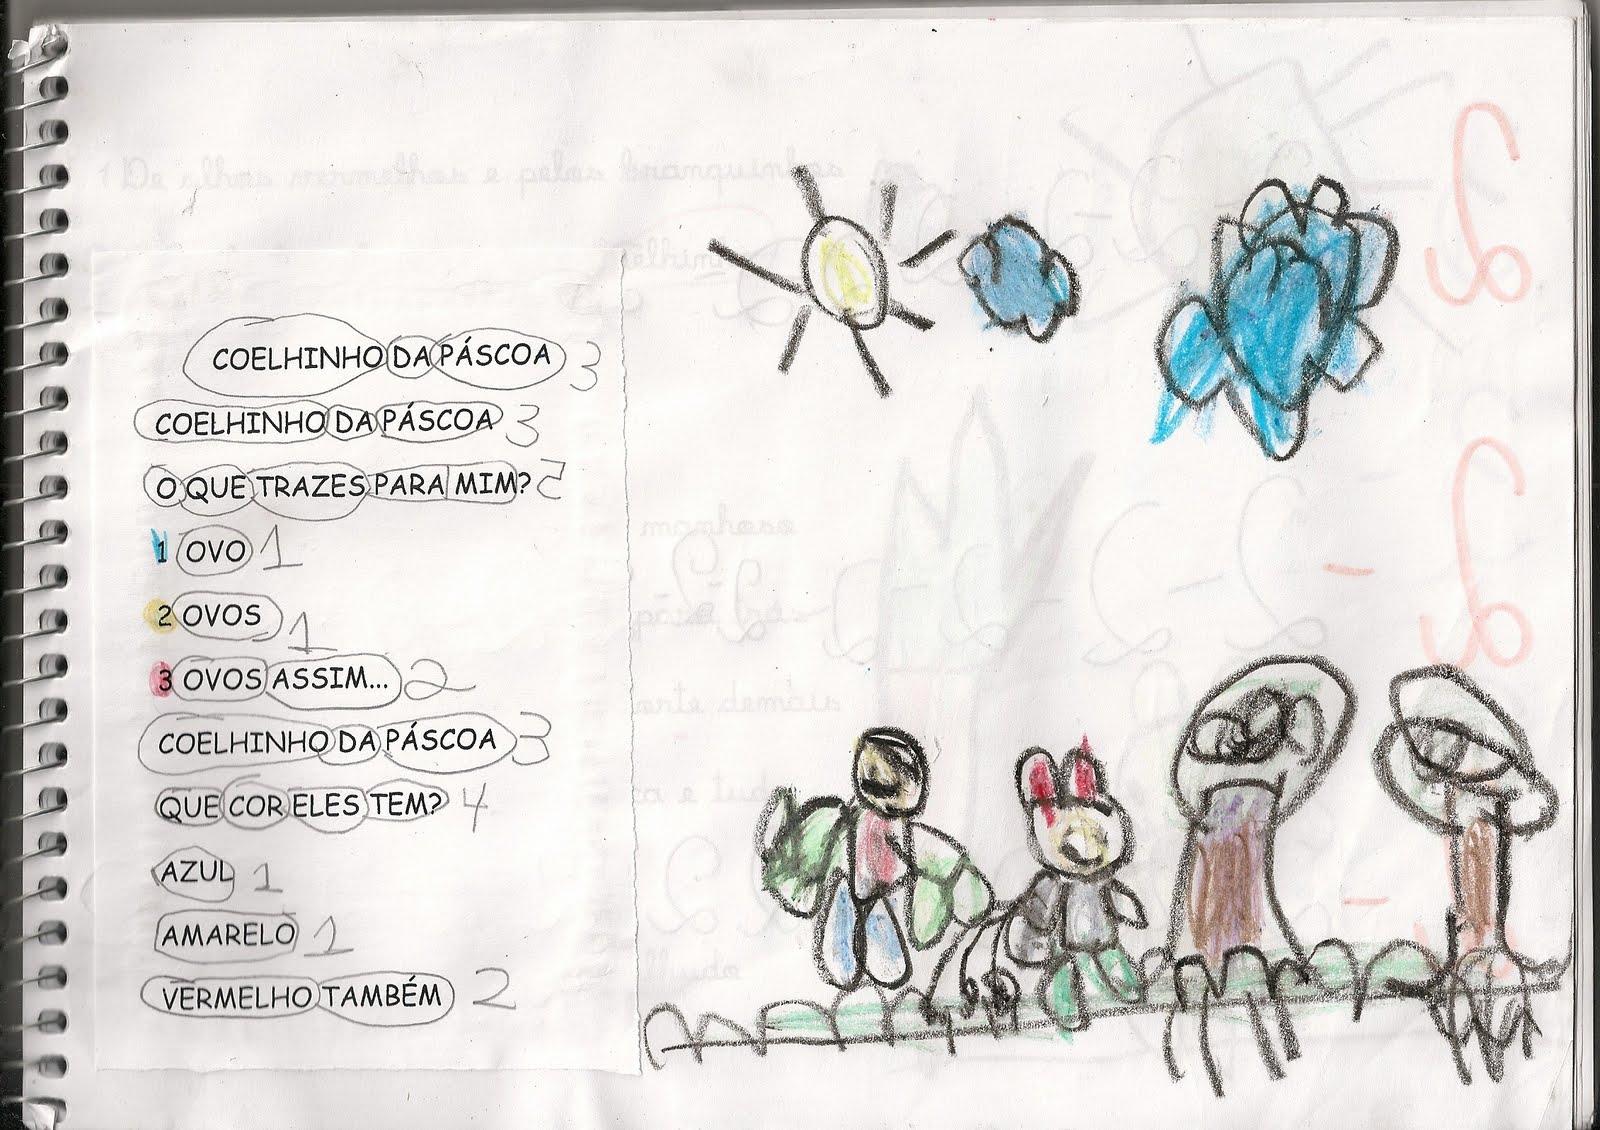 Excepcional Para Todas As Crianças: Trabalhando com a musicalidade na Educação  BB86